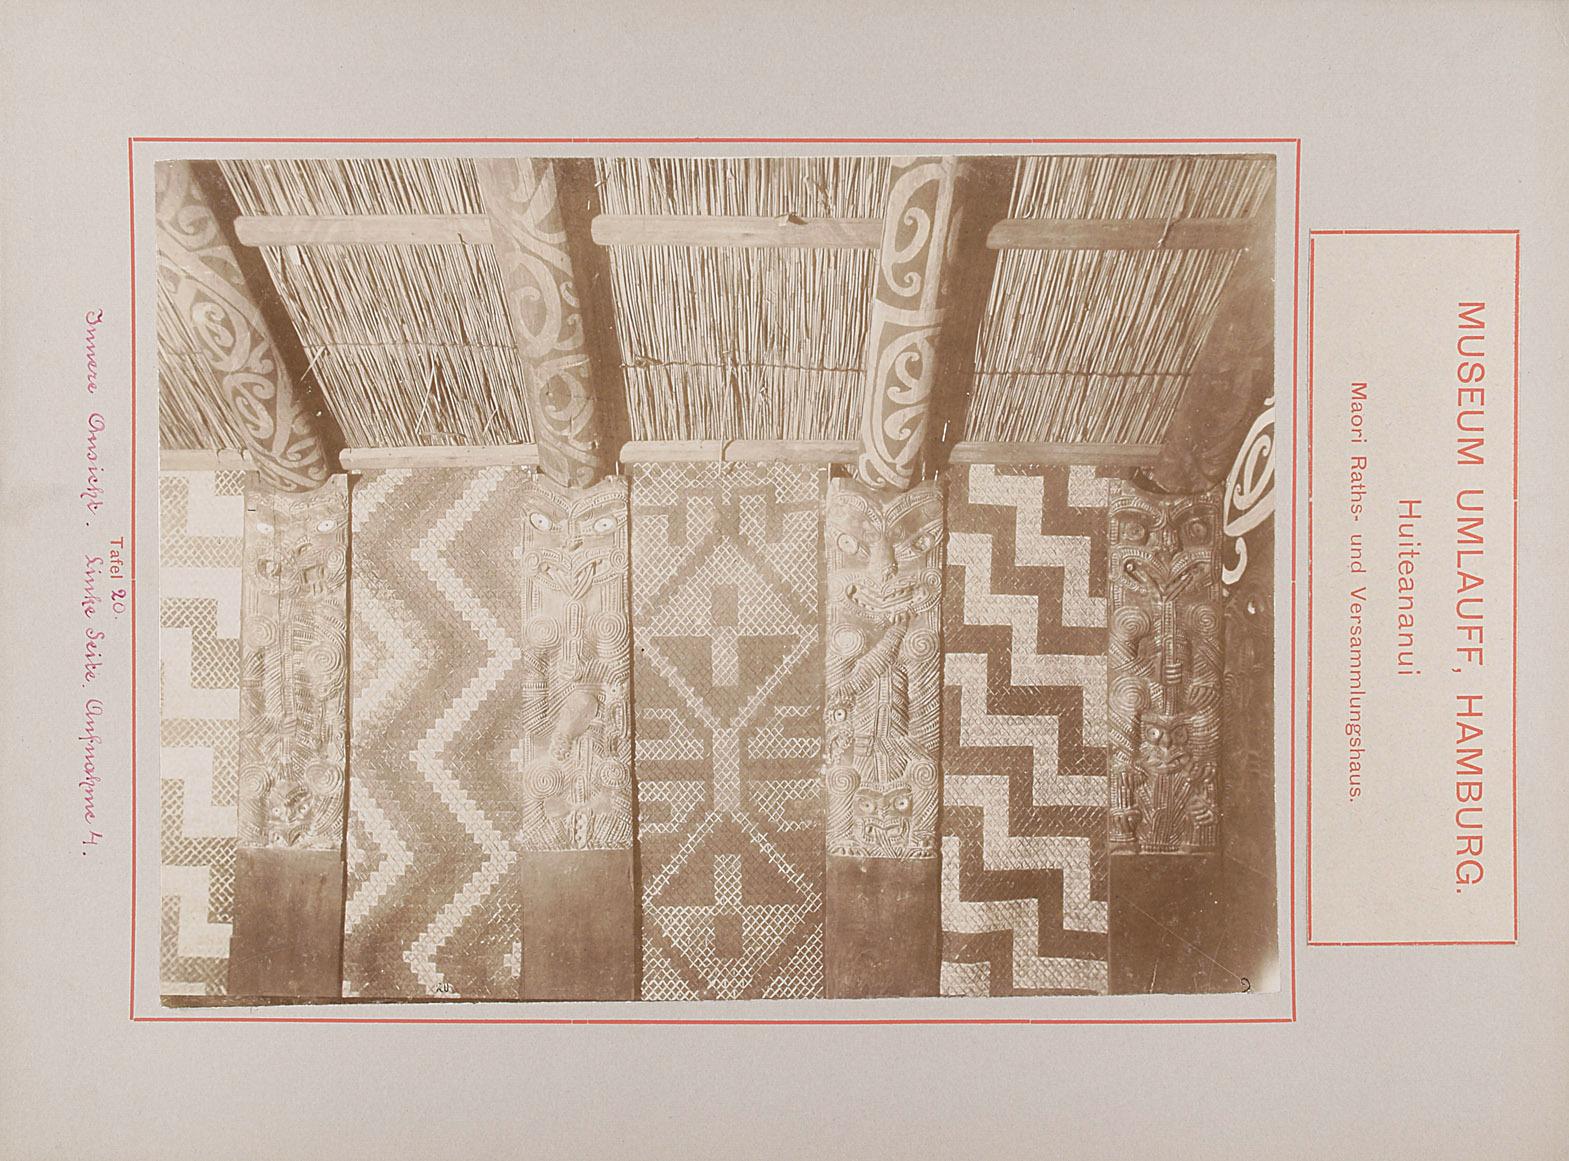 Museum Umlauff, Hamburg. Huiteananui, Maori Raths- und Versammlungshaus: Tafel 20. Innere Ansicht, Linke Seite, Aufnahme 4 von anonym